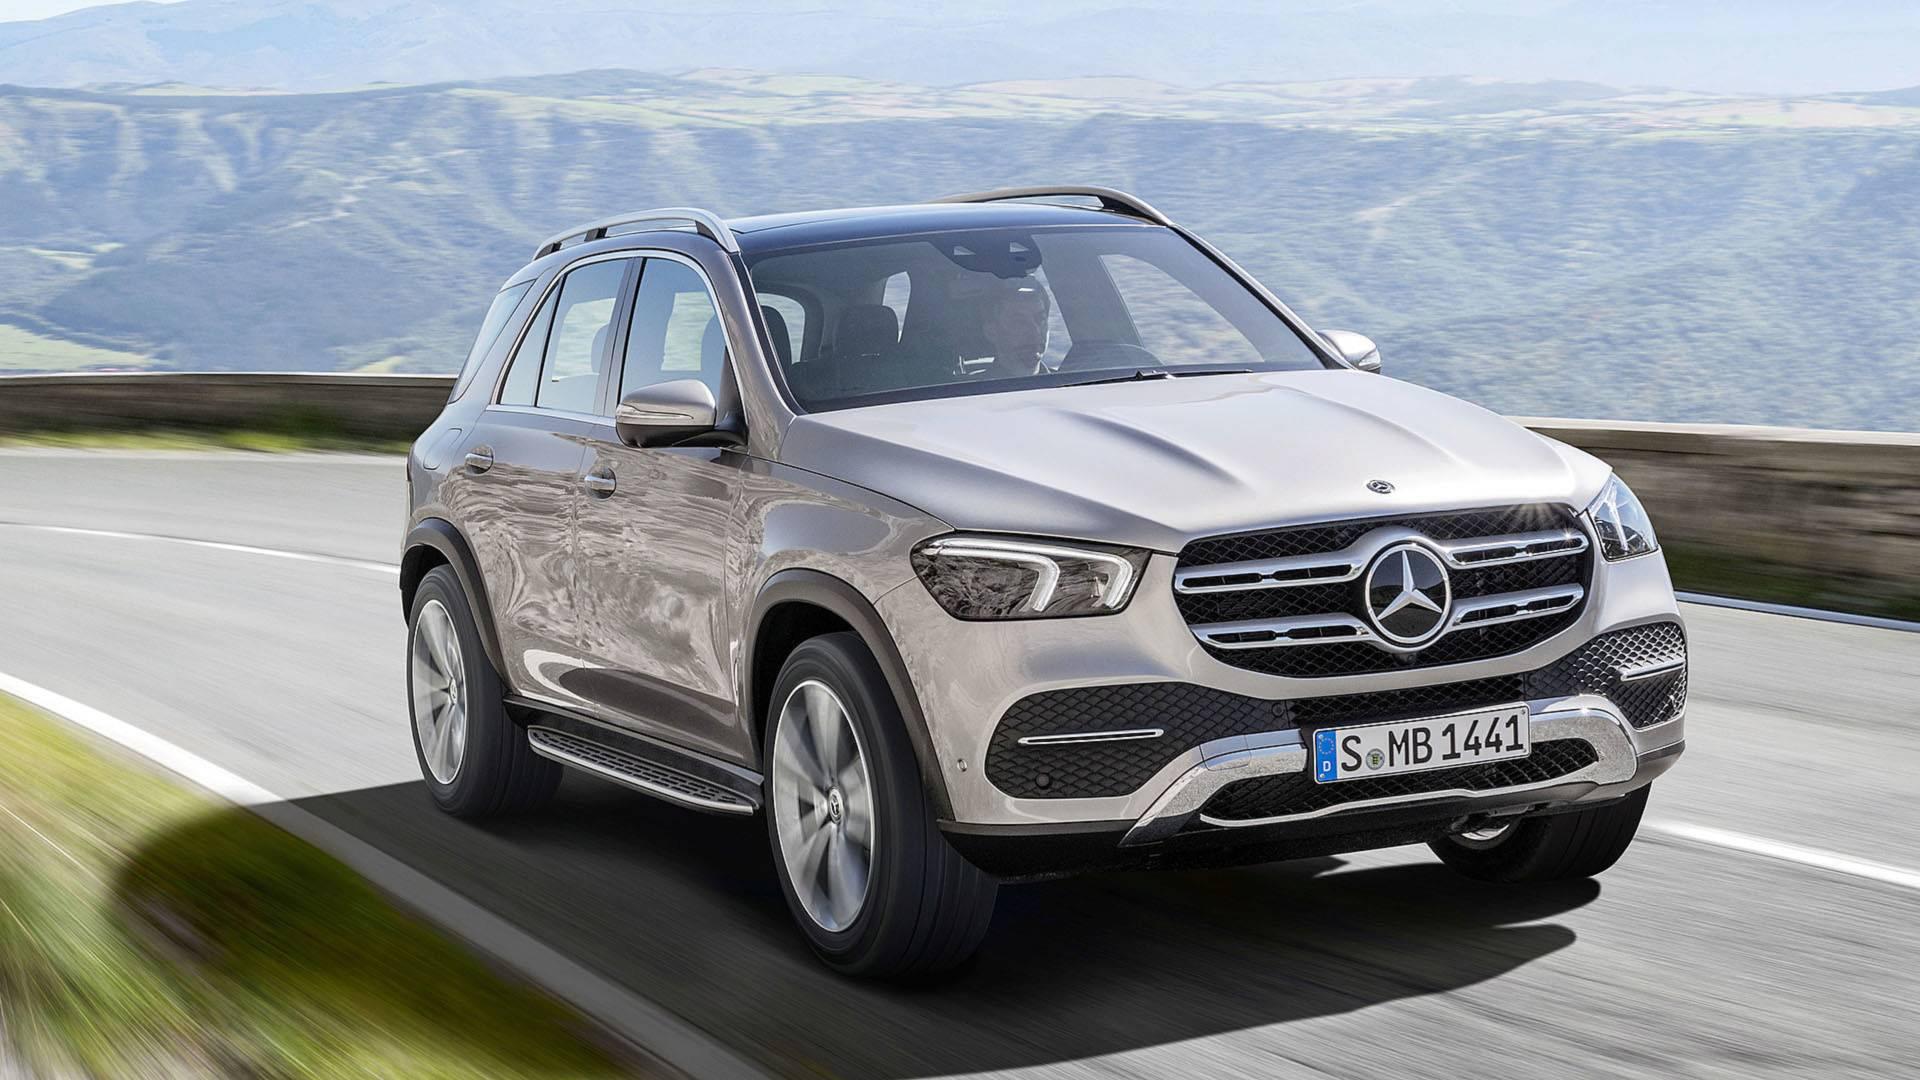 Mercedes-Benz GLE 2019 ra mắt : Thiết kế mượt mà, công nghệ vượt trội